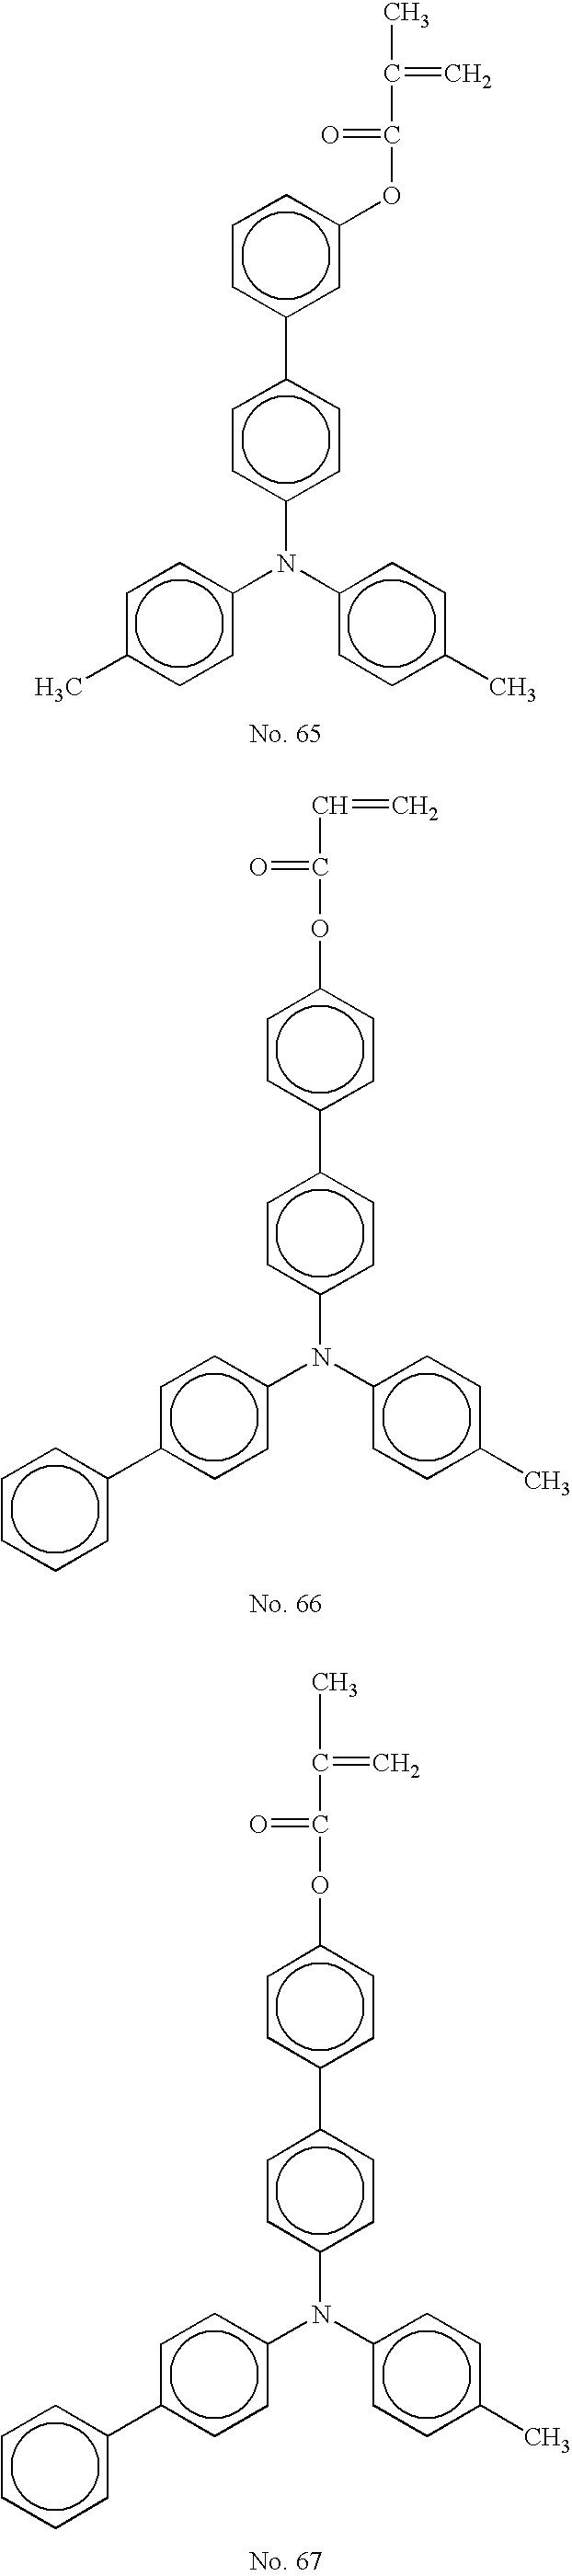 Figure US20070196749A1-20070823-C00024